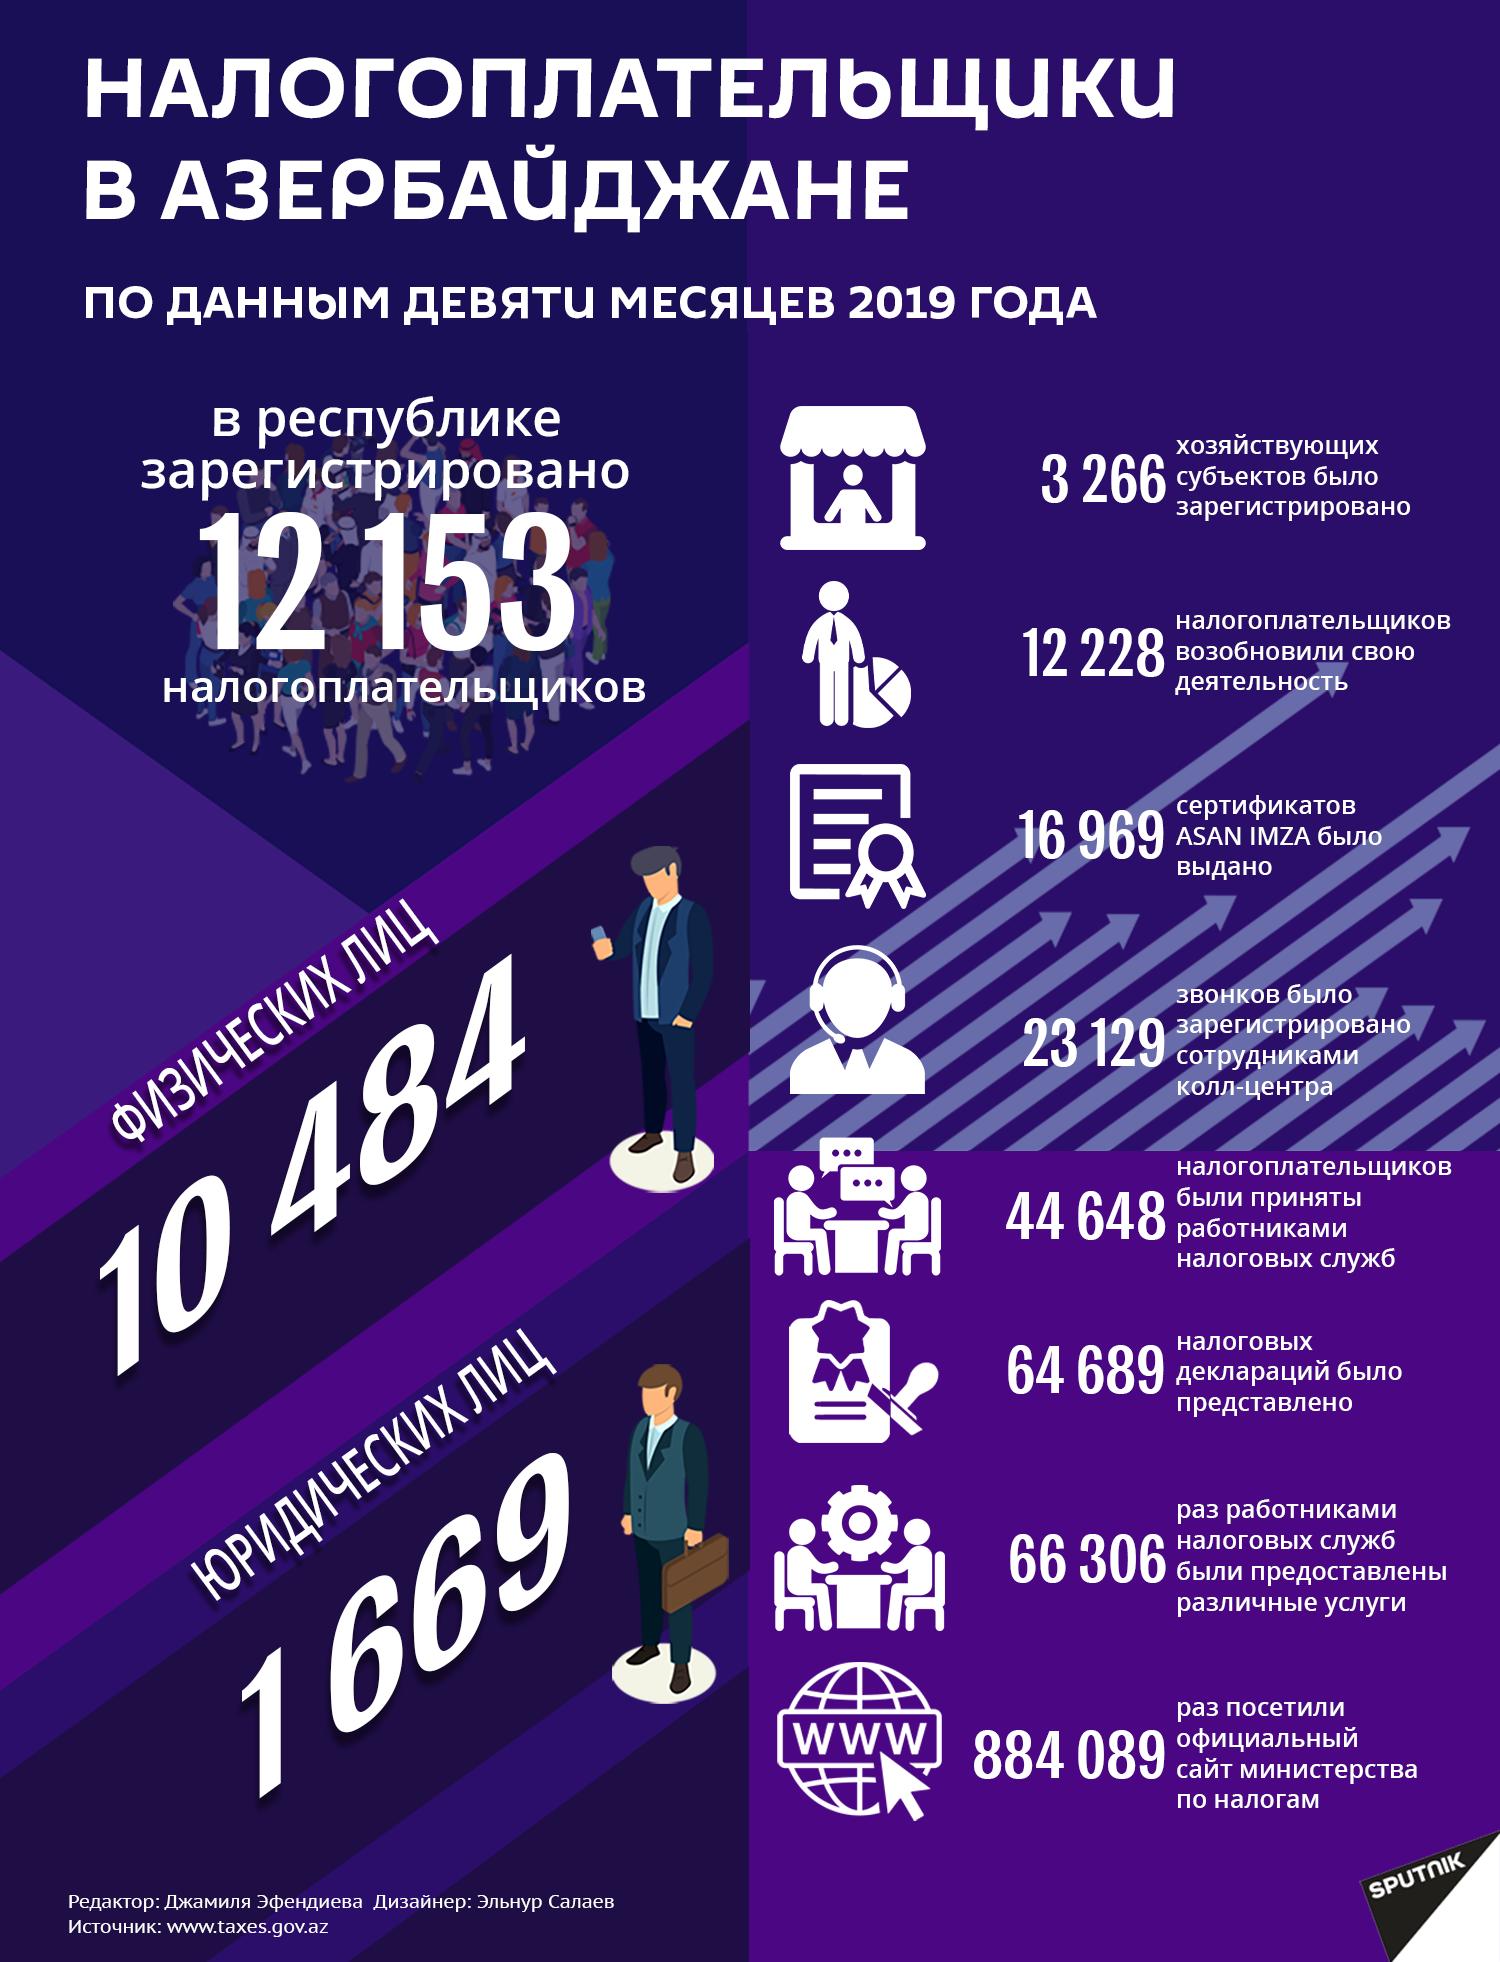 Инфографика: Налогоплательщики в Азербайджане - Sputnik Азербайджан